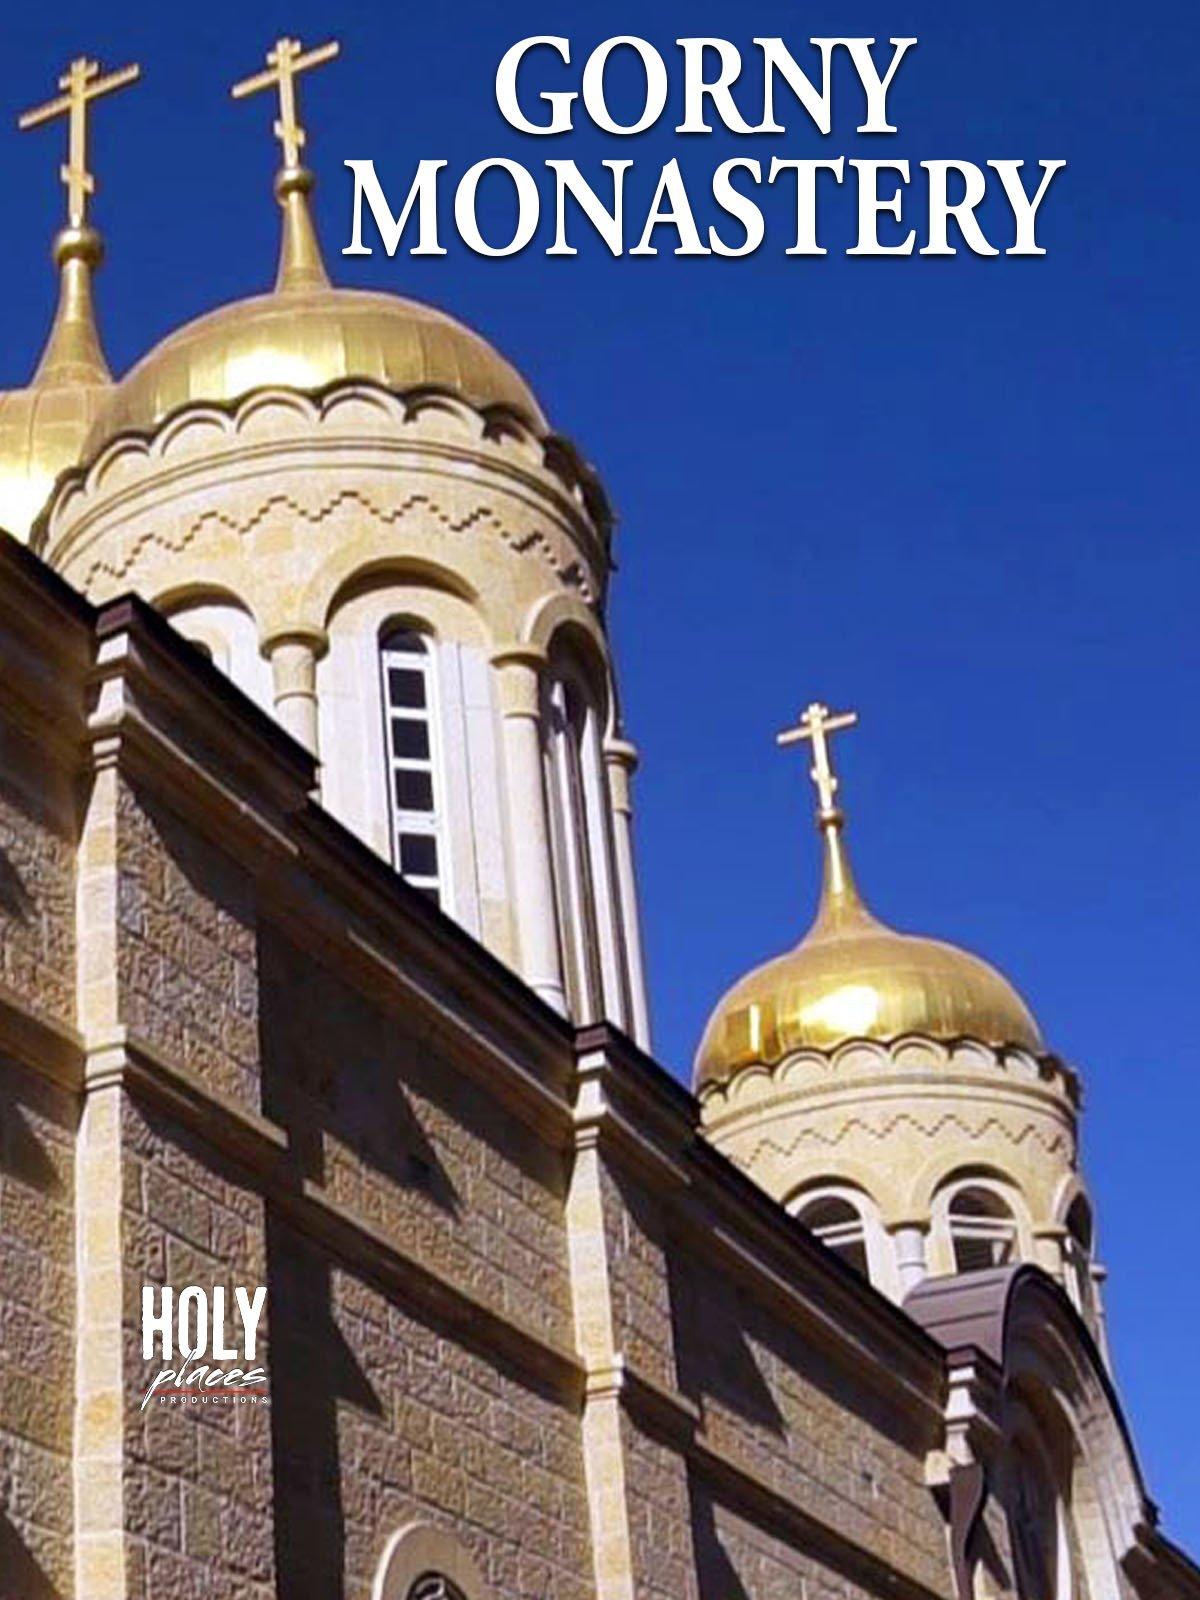 Gorny Monastery on Amazon Prime Video UK